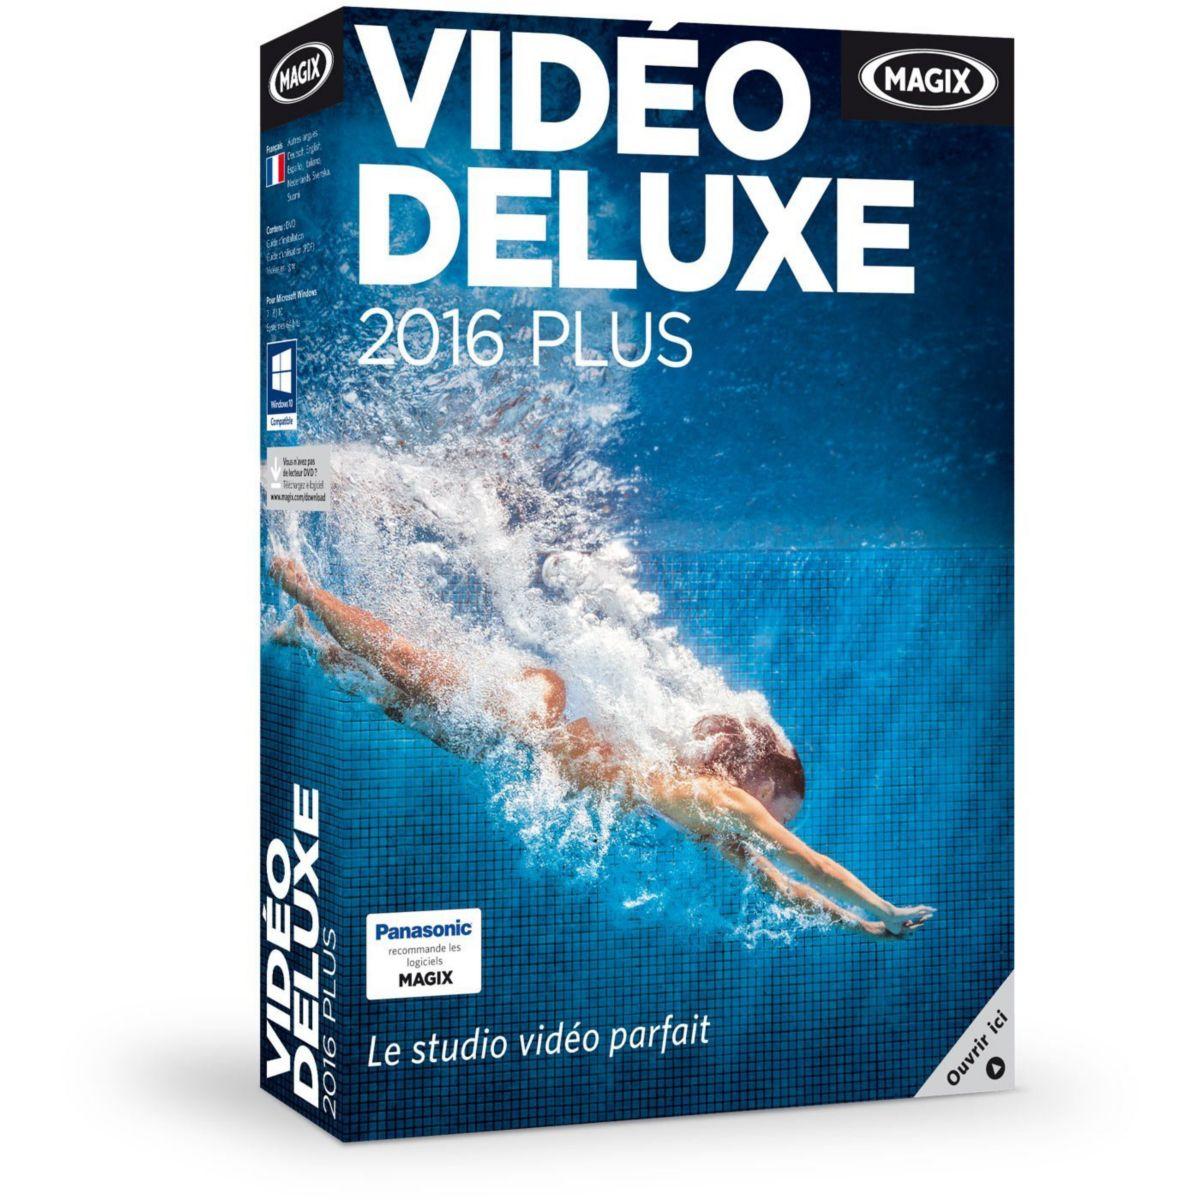 Logiciel pc magix vidéo deluxe 2016 plus – 10 € de remise : code cash10